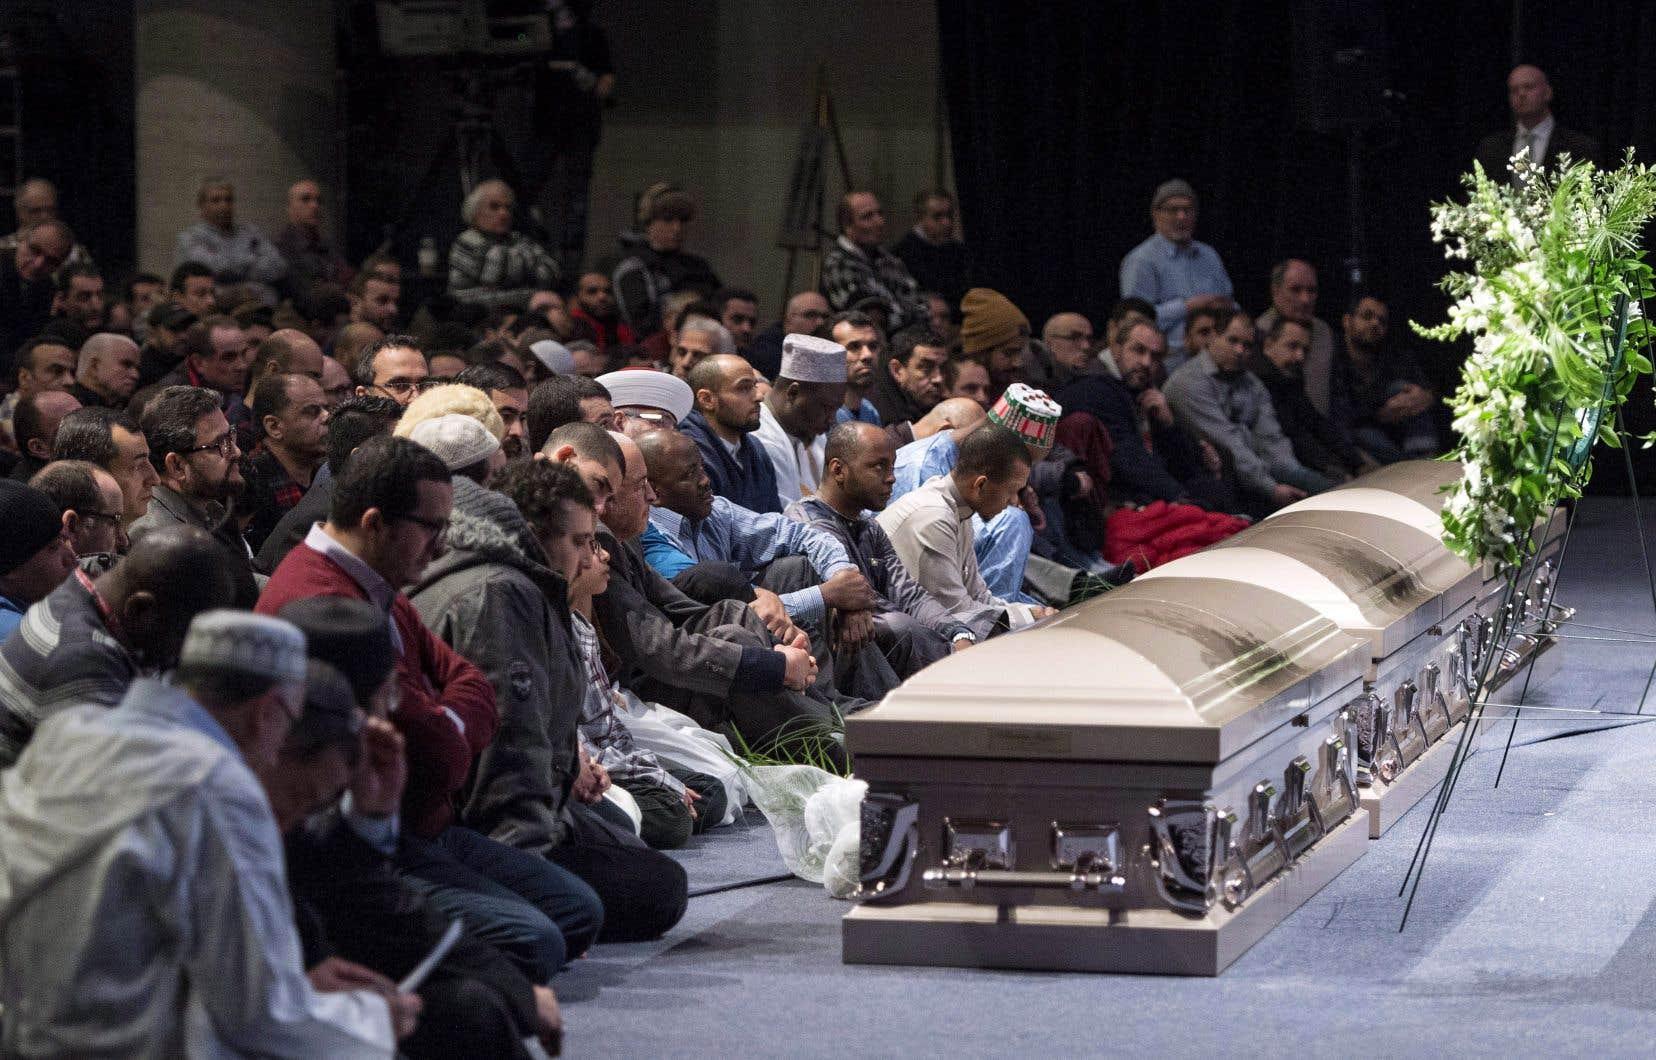 Quelques jours après la tuerie, deux grandes cérémonies en l'honneur des six victimes ont eu lieu au Palais des congrès de Montréal, puis au Centre des congrès de Québec.